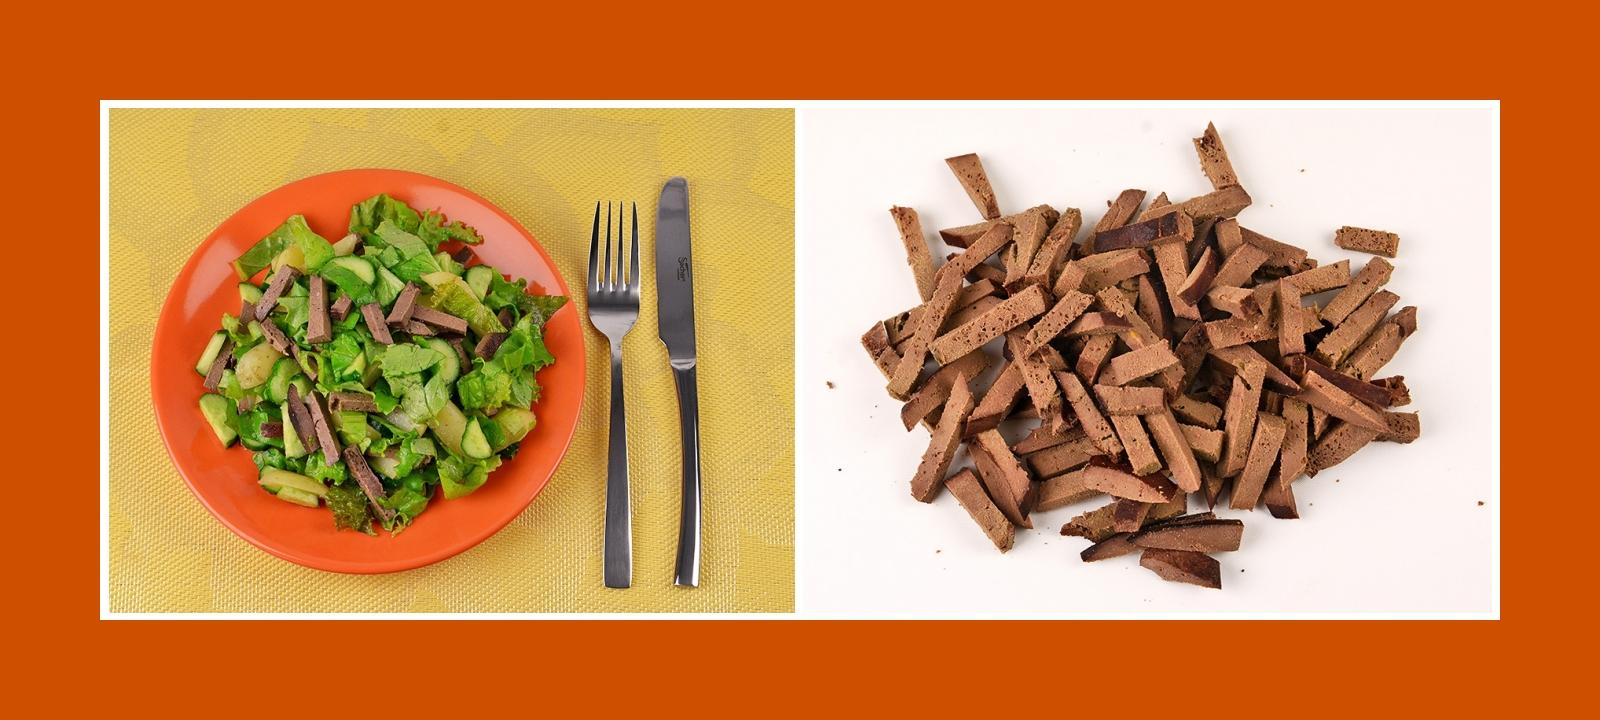 Gegarte Schweineleber Rindleber für Kartoffelsalat